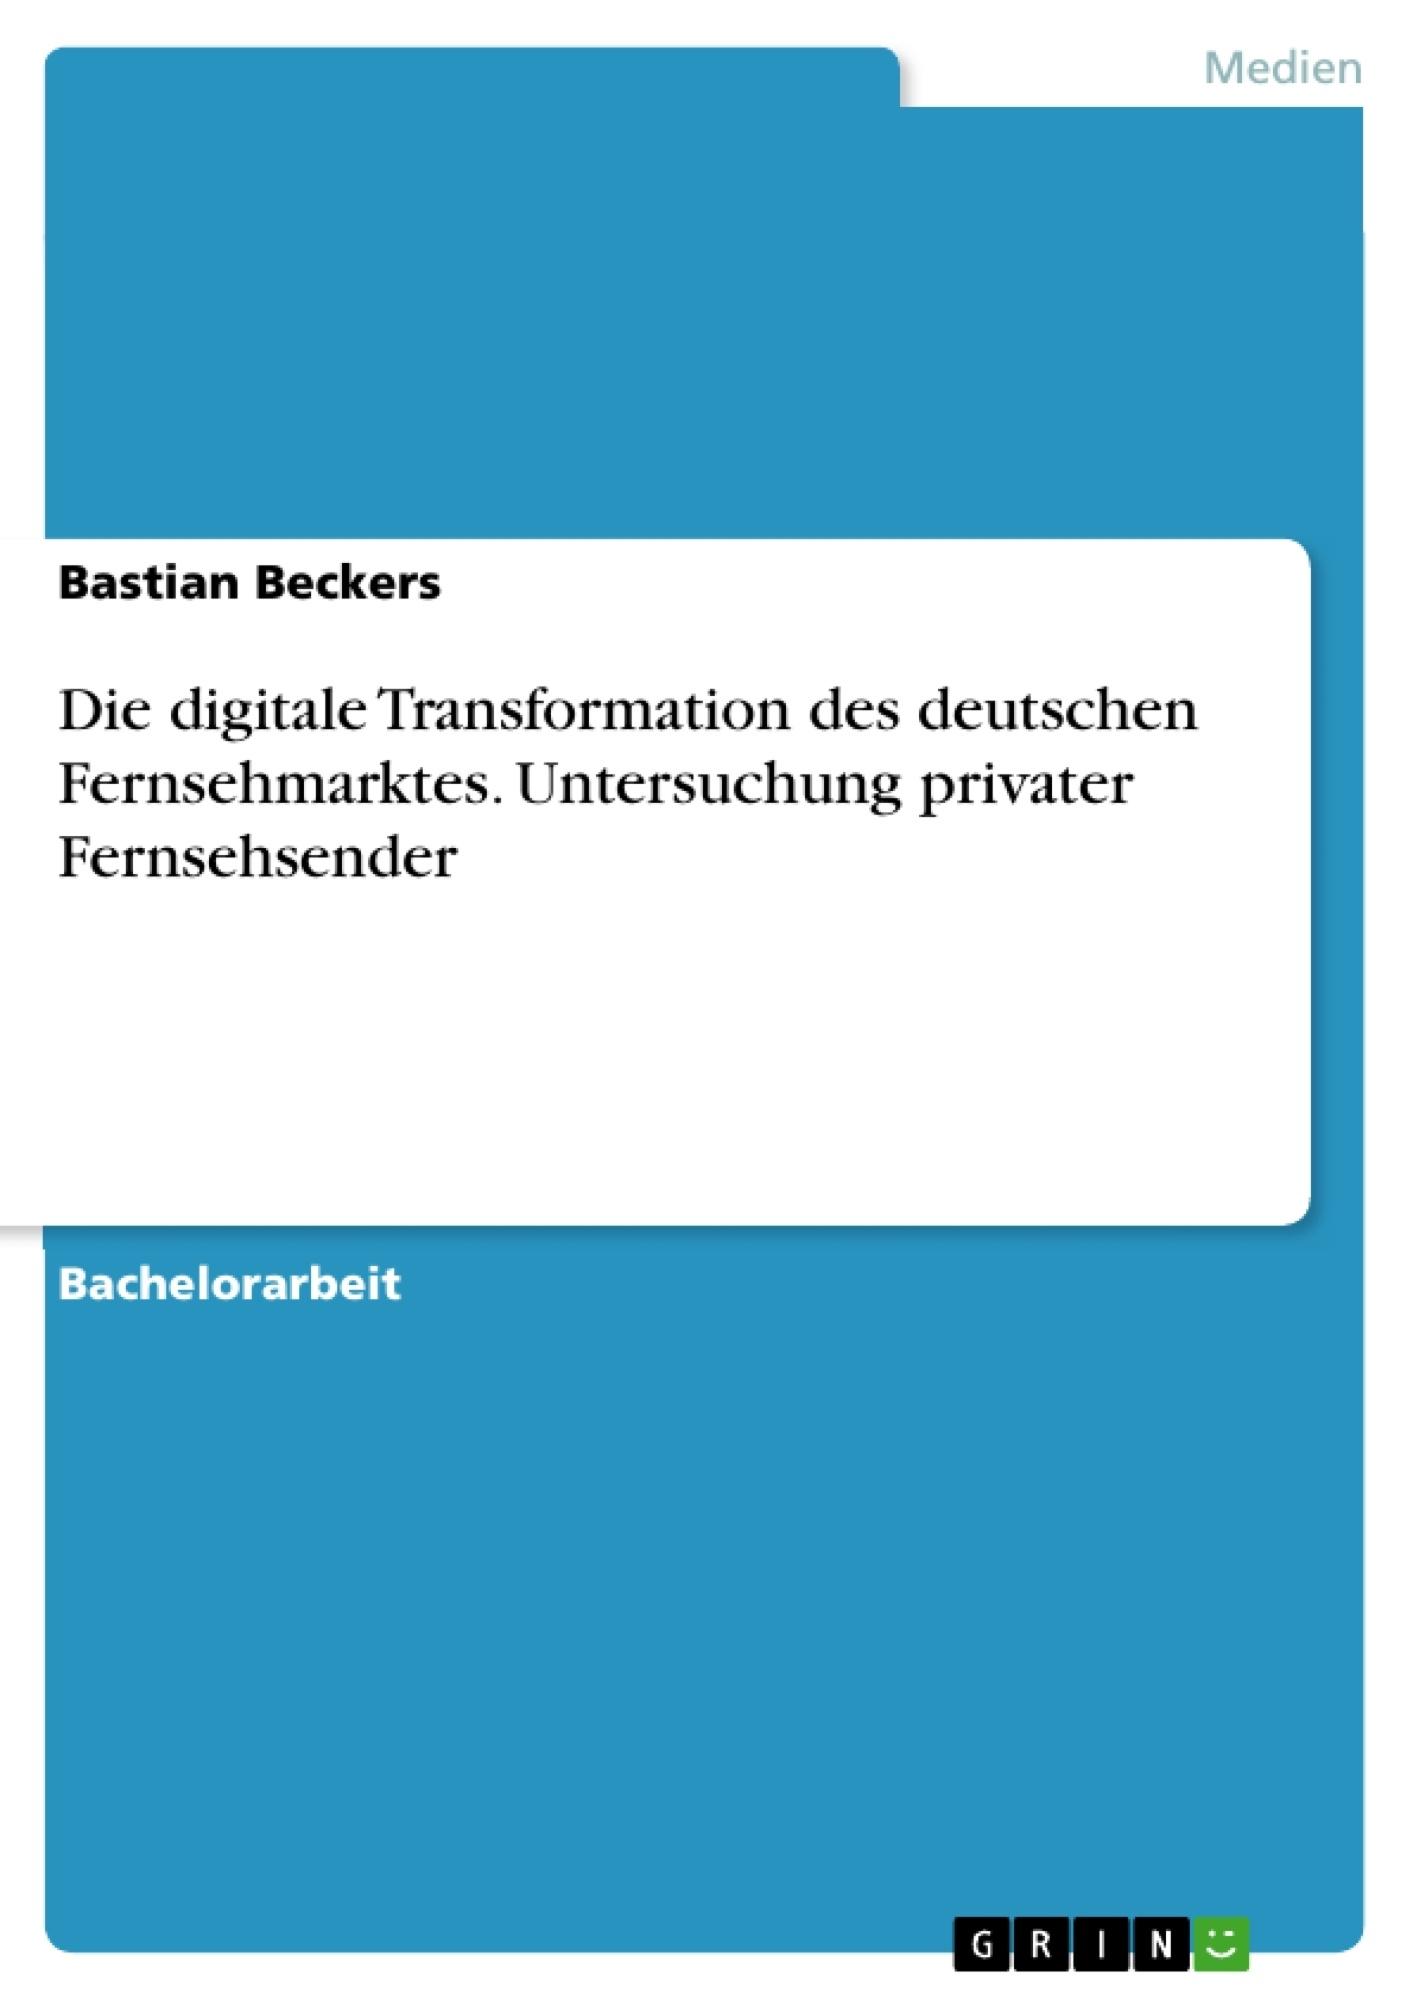 Titel: Die digitale Transformation des deutschen Fernsehmarktes. Untersuchung privater Fernsehsender